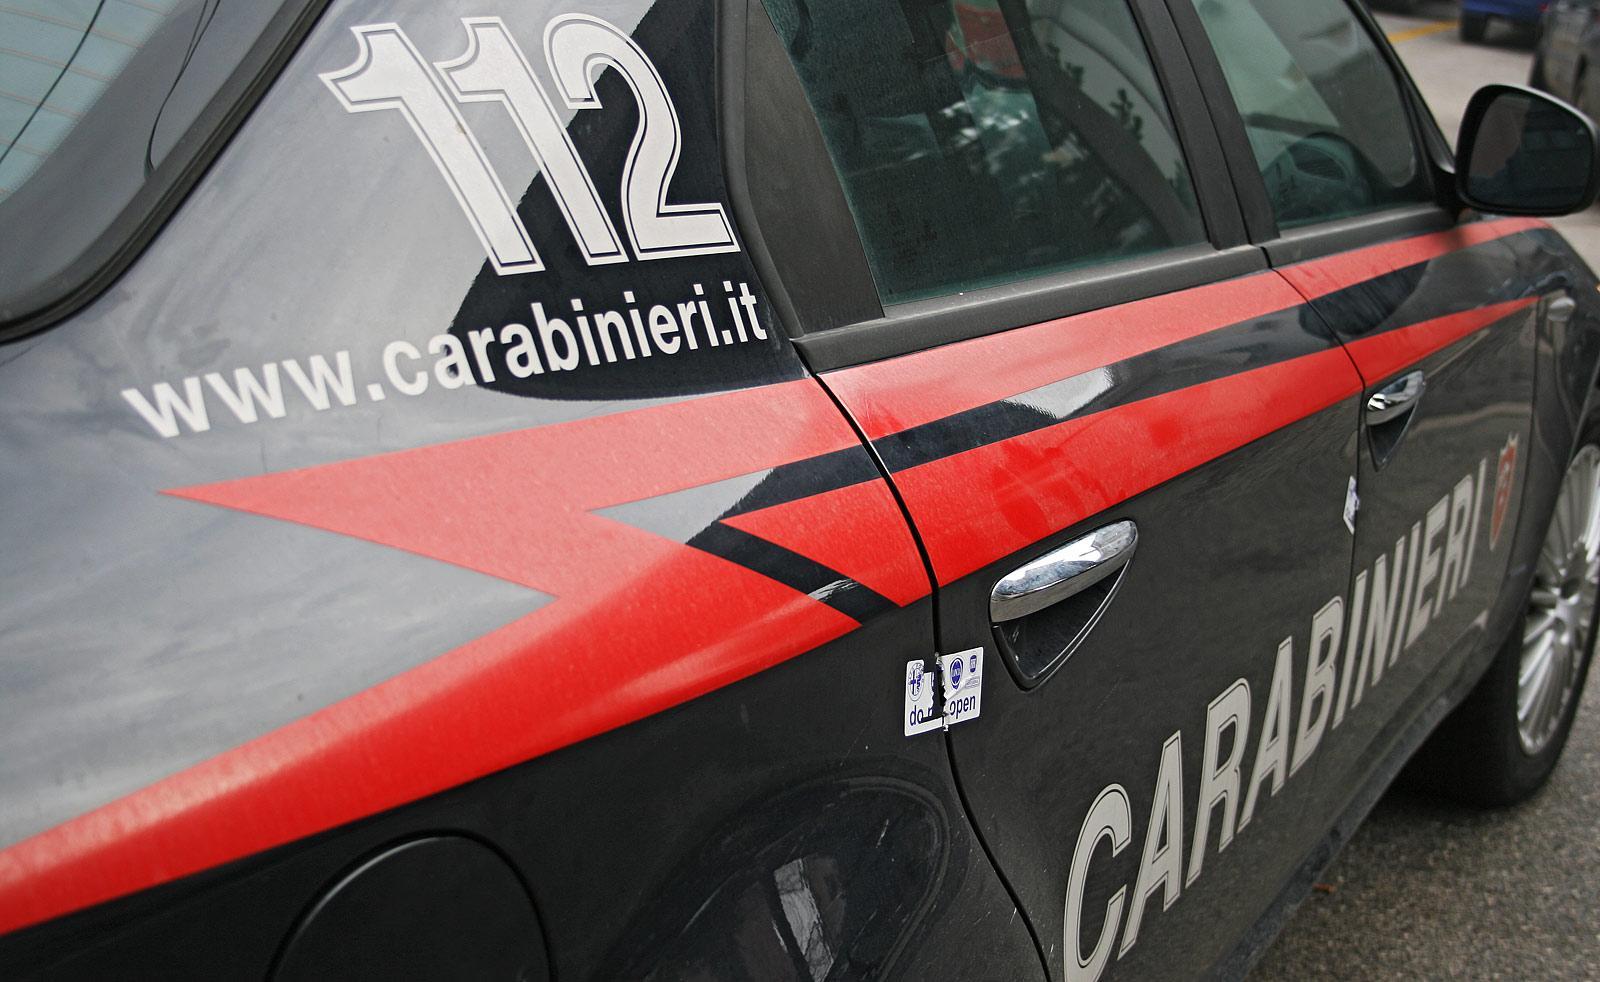 Carabinieri, controlli per la sicurezza dei luoghi di eventi